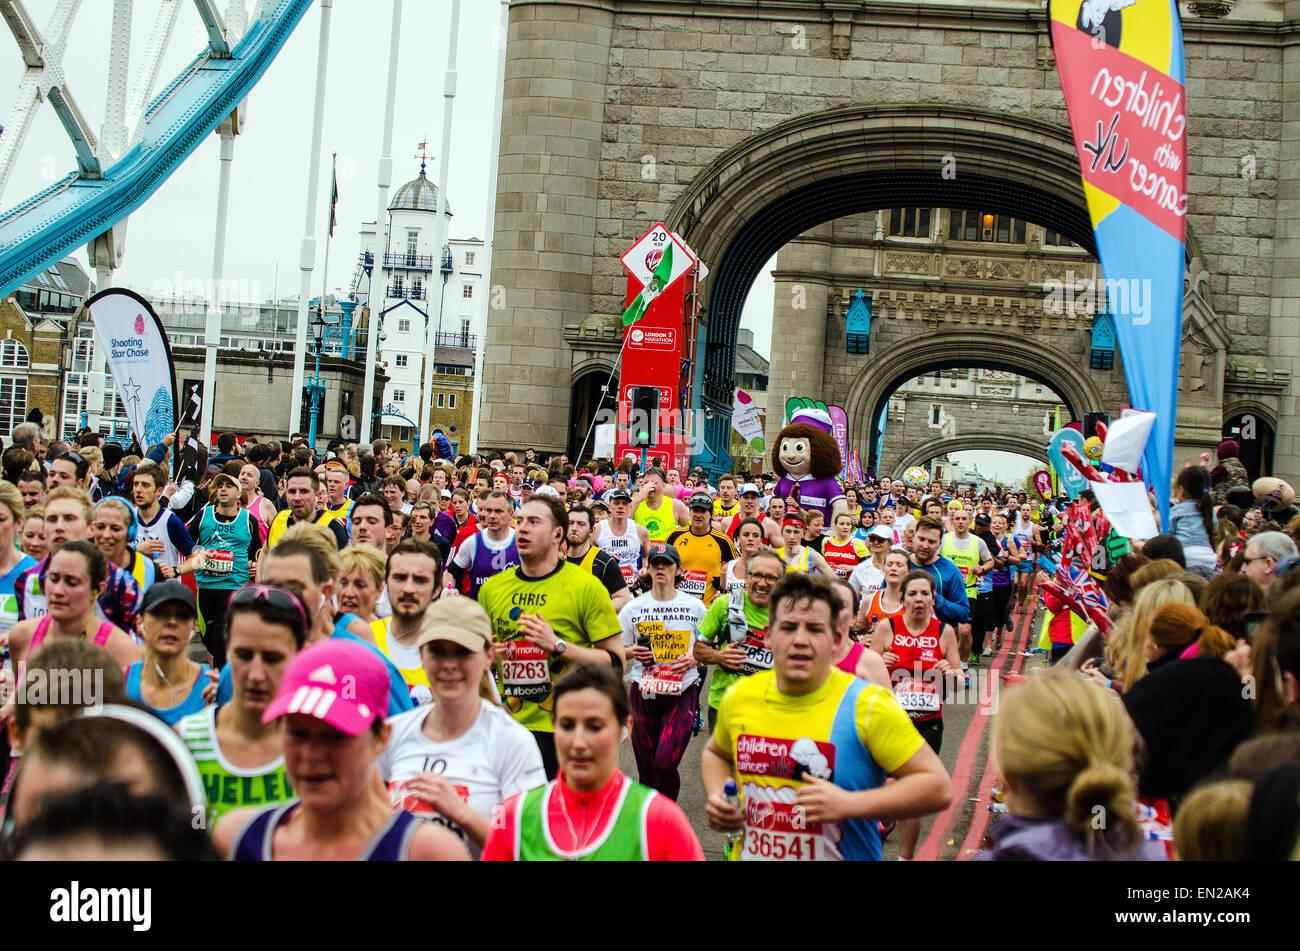 nessa-the-nurse-and-fun-runners-at-2015-london-marathon-EN2AK4.jpg